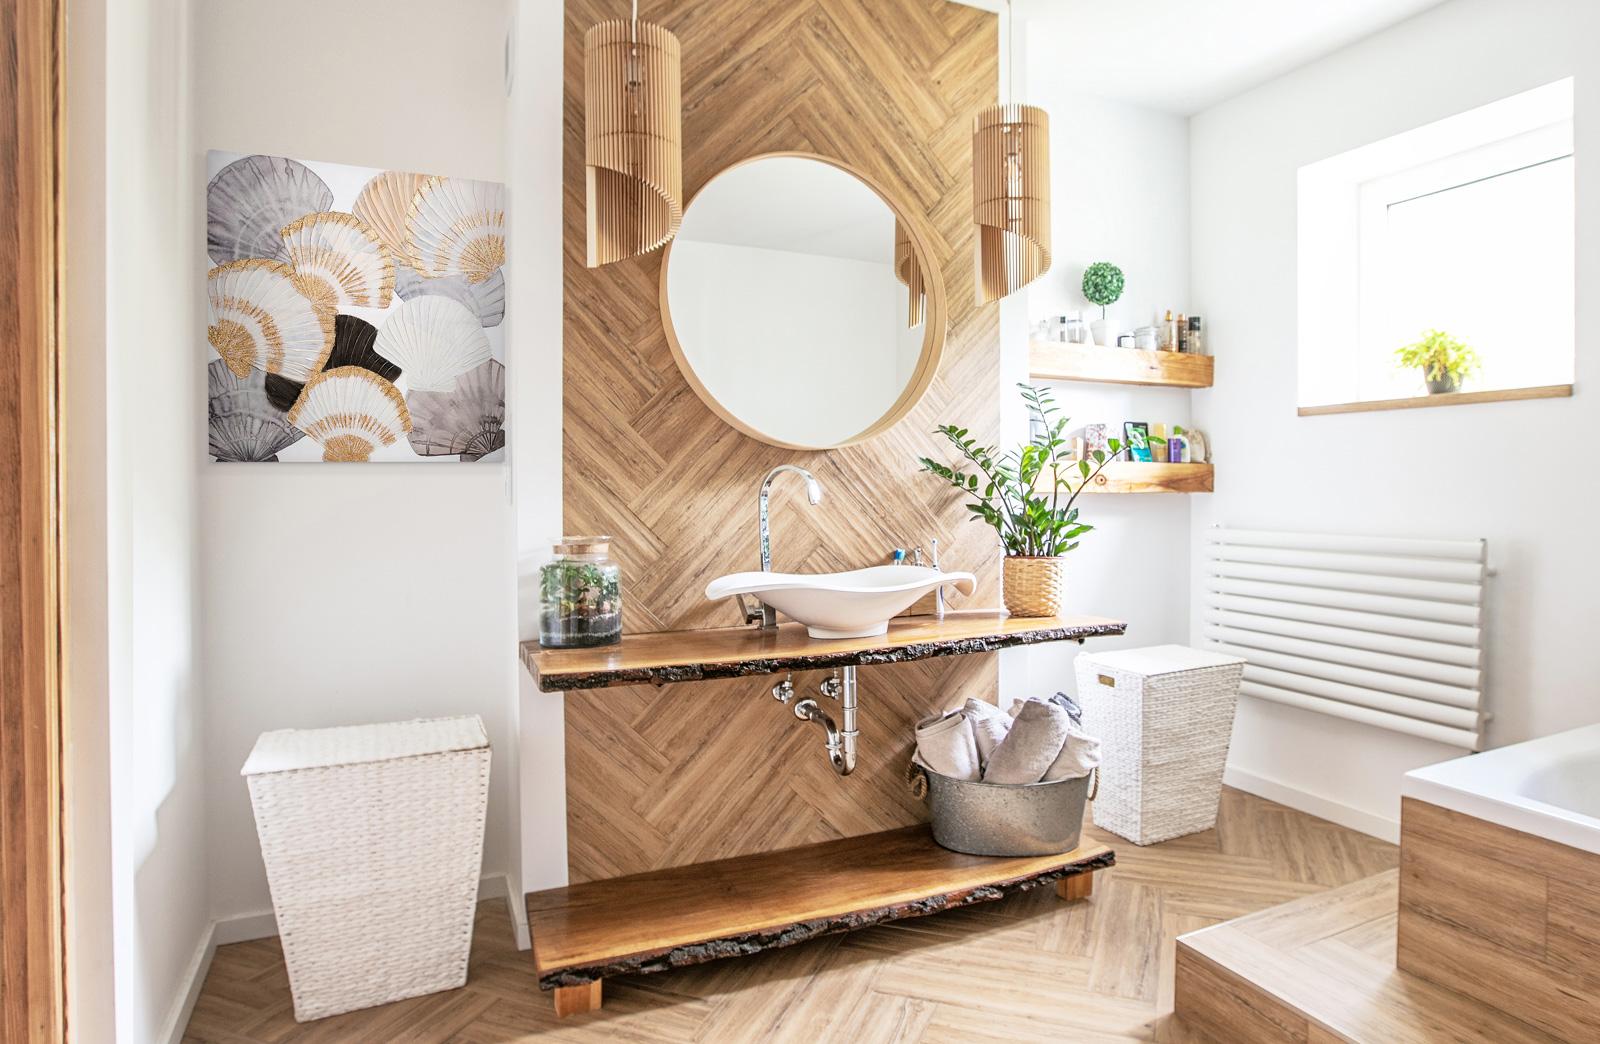 Jak wybrać obraz do łazienki?